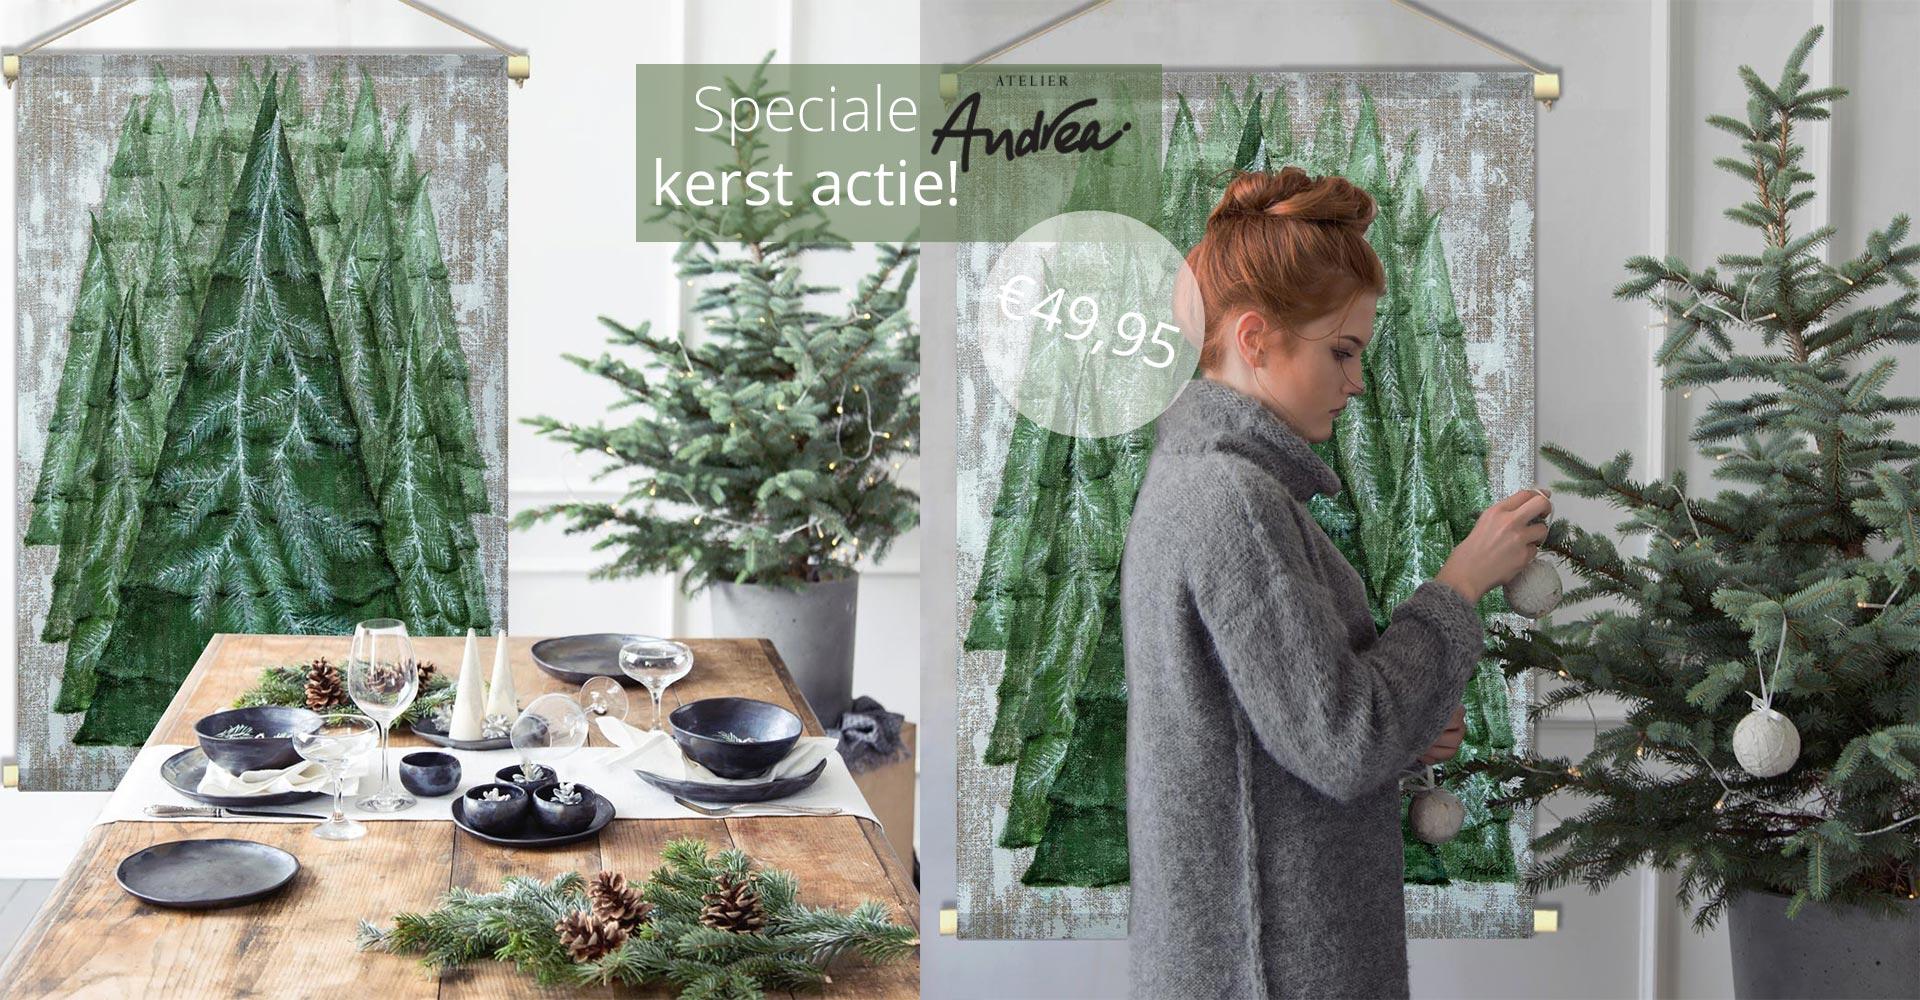 WANDenWOONdeco.nl Atelier-Andrea-kerst-actie